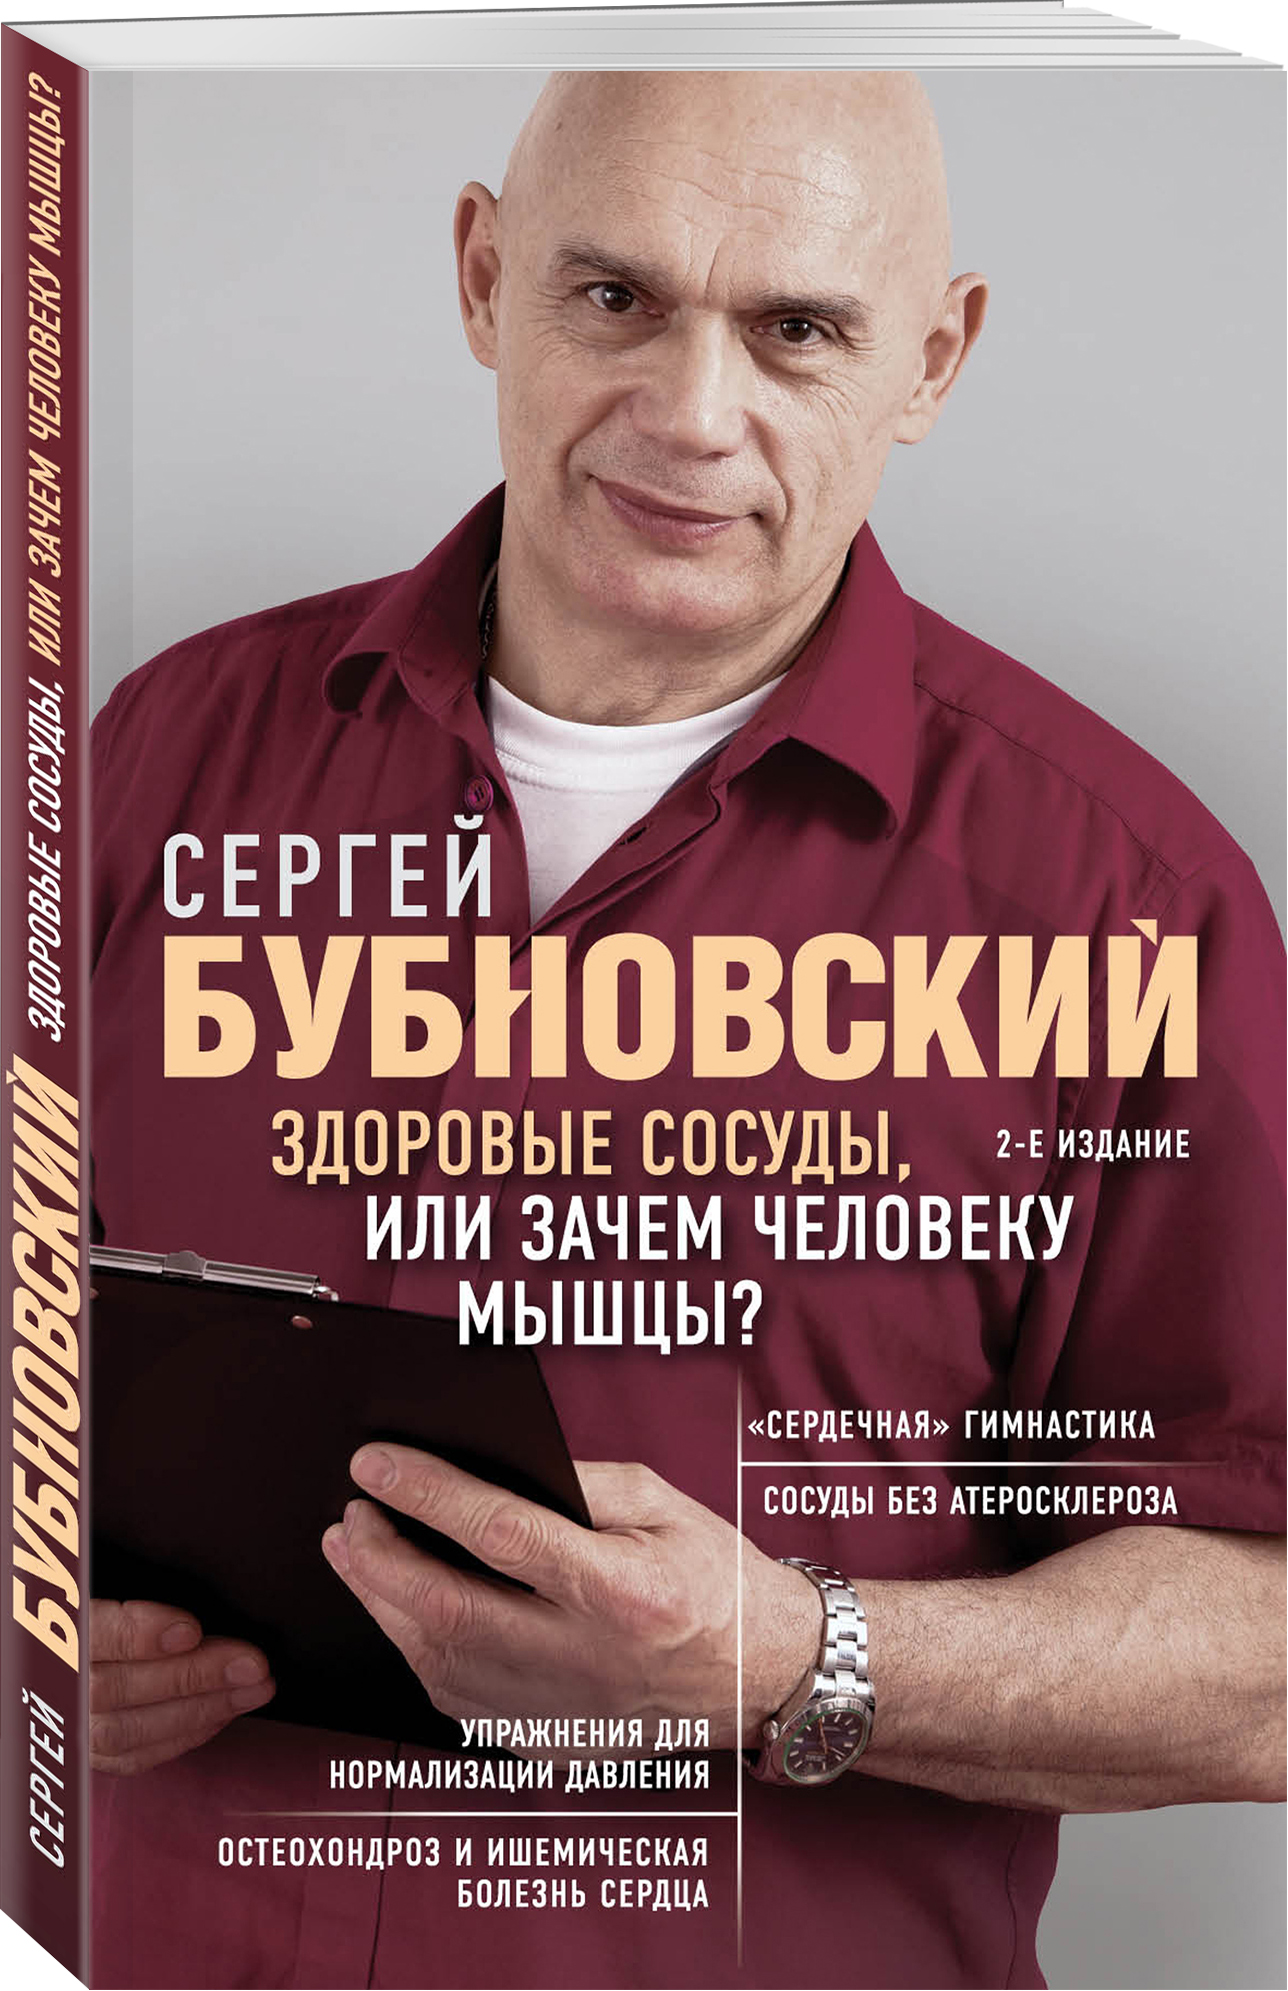 Здоровые сосуды, или Зачем человеку мышцы? 2-е издание ( Бубновский Сергей Михайлович  )